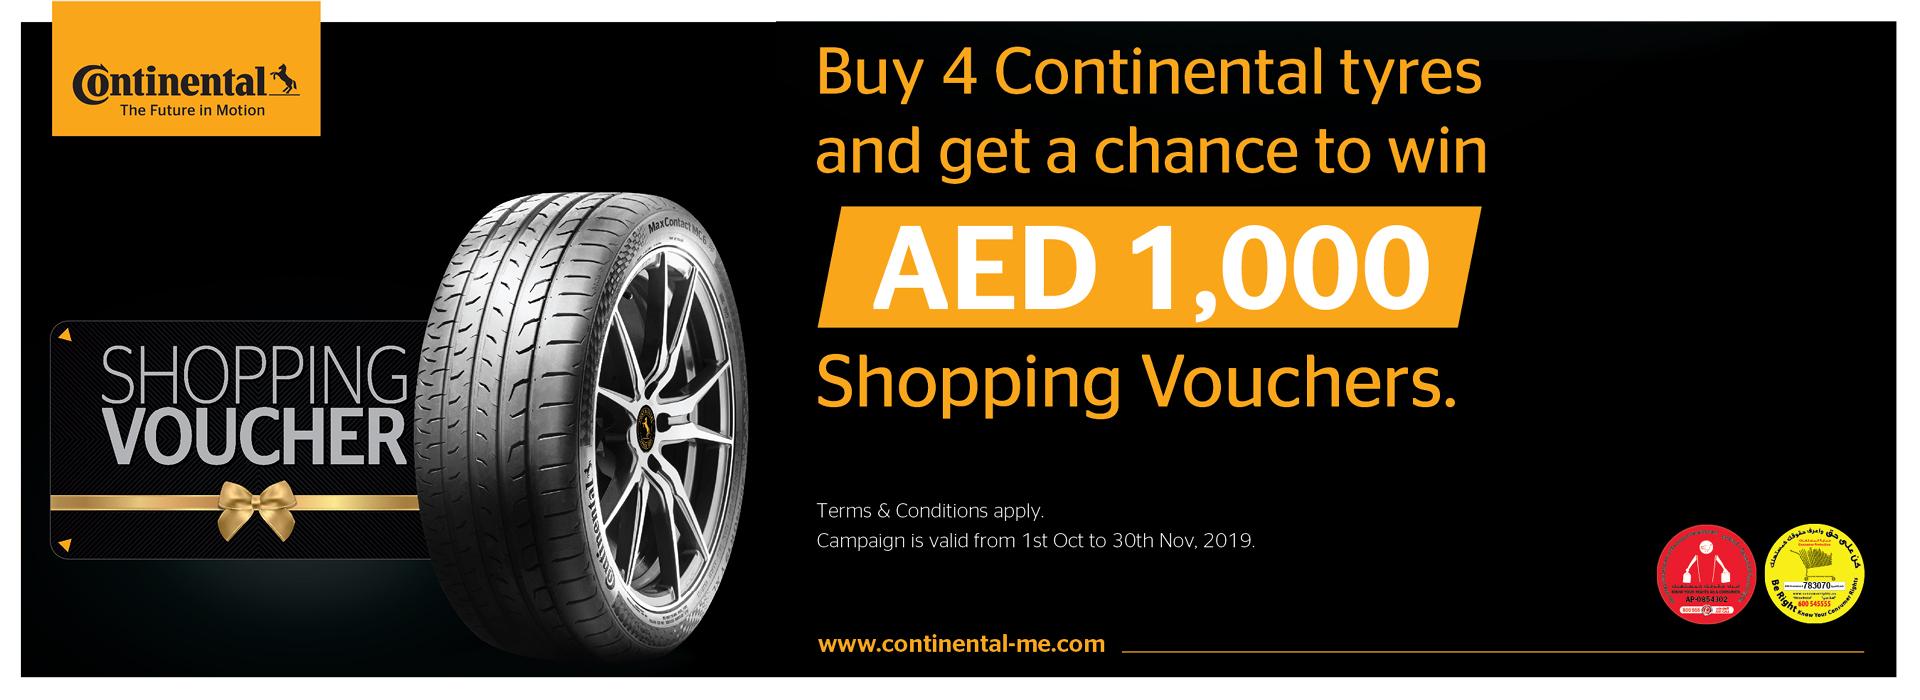 Continental Shopping Voucher